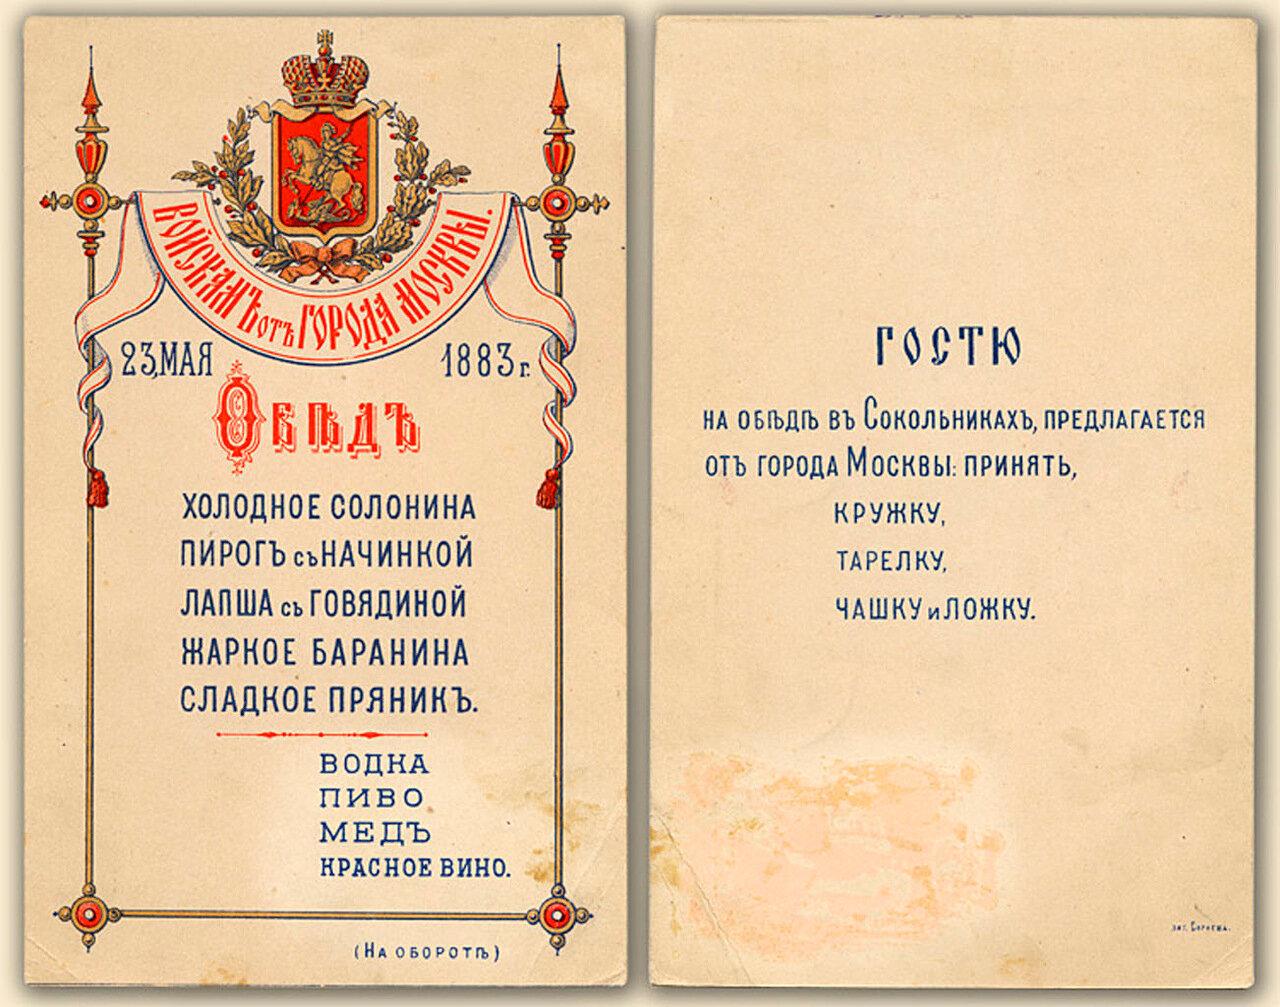 Меню обеда 23 мая 1883 года войскам от города Москвы в Сокольниках